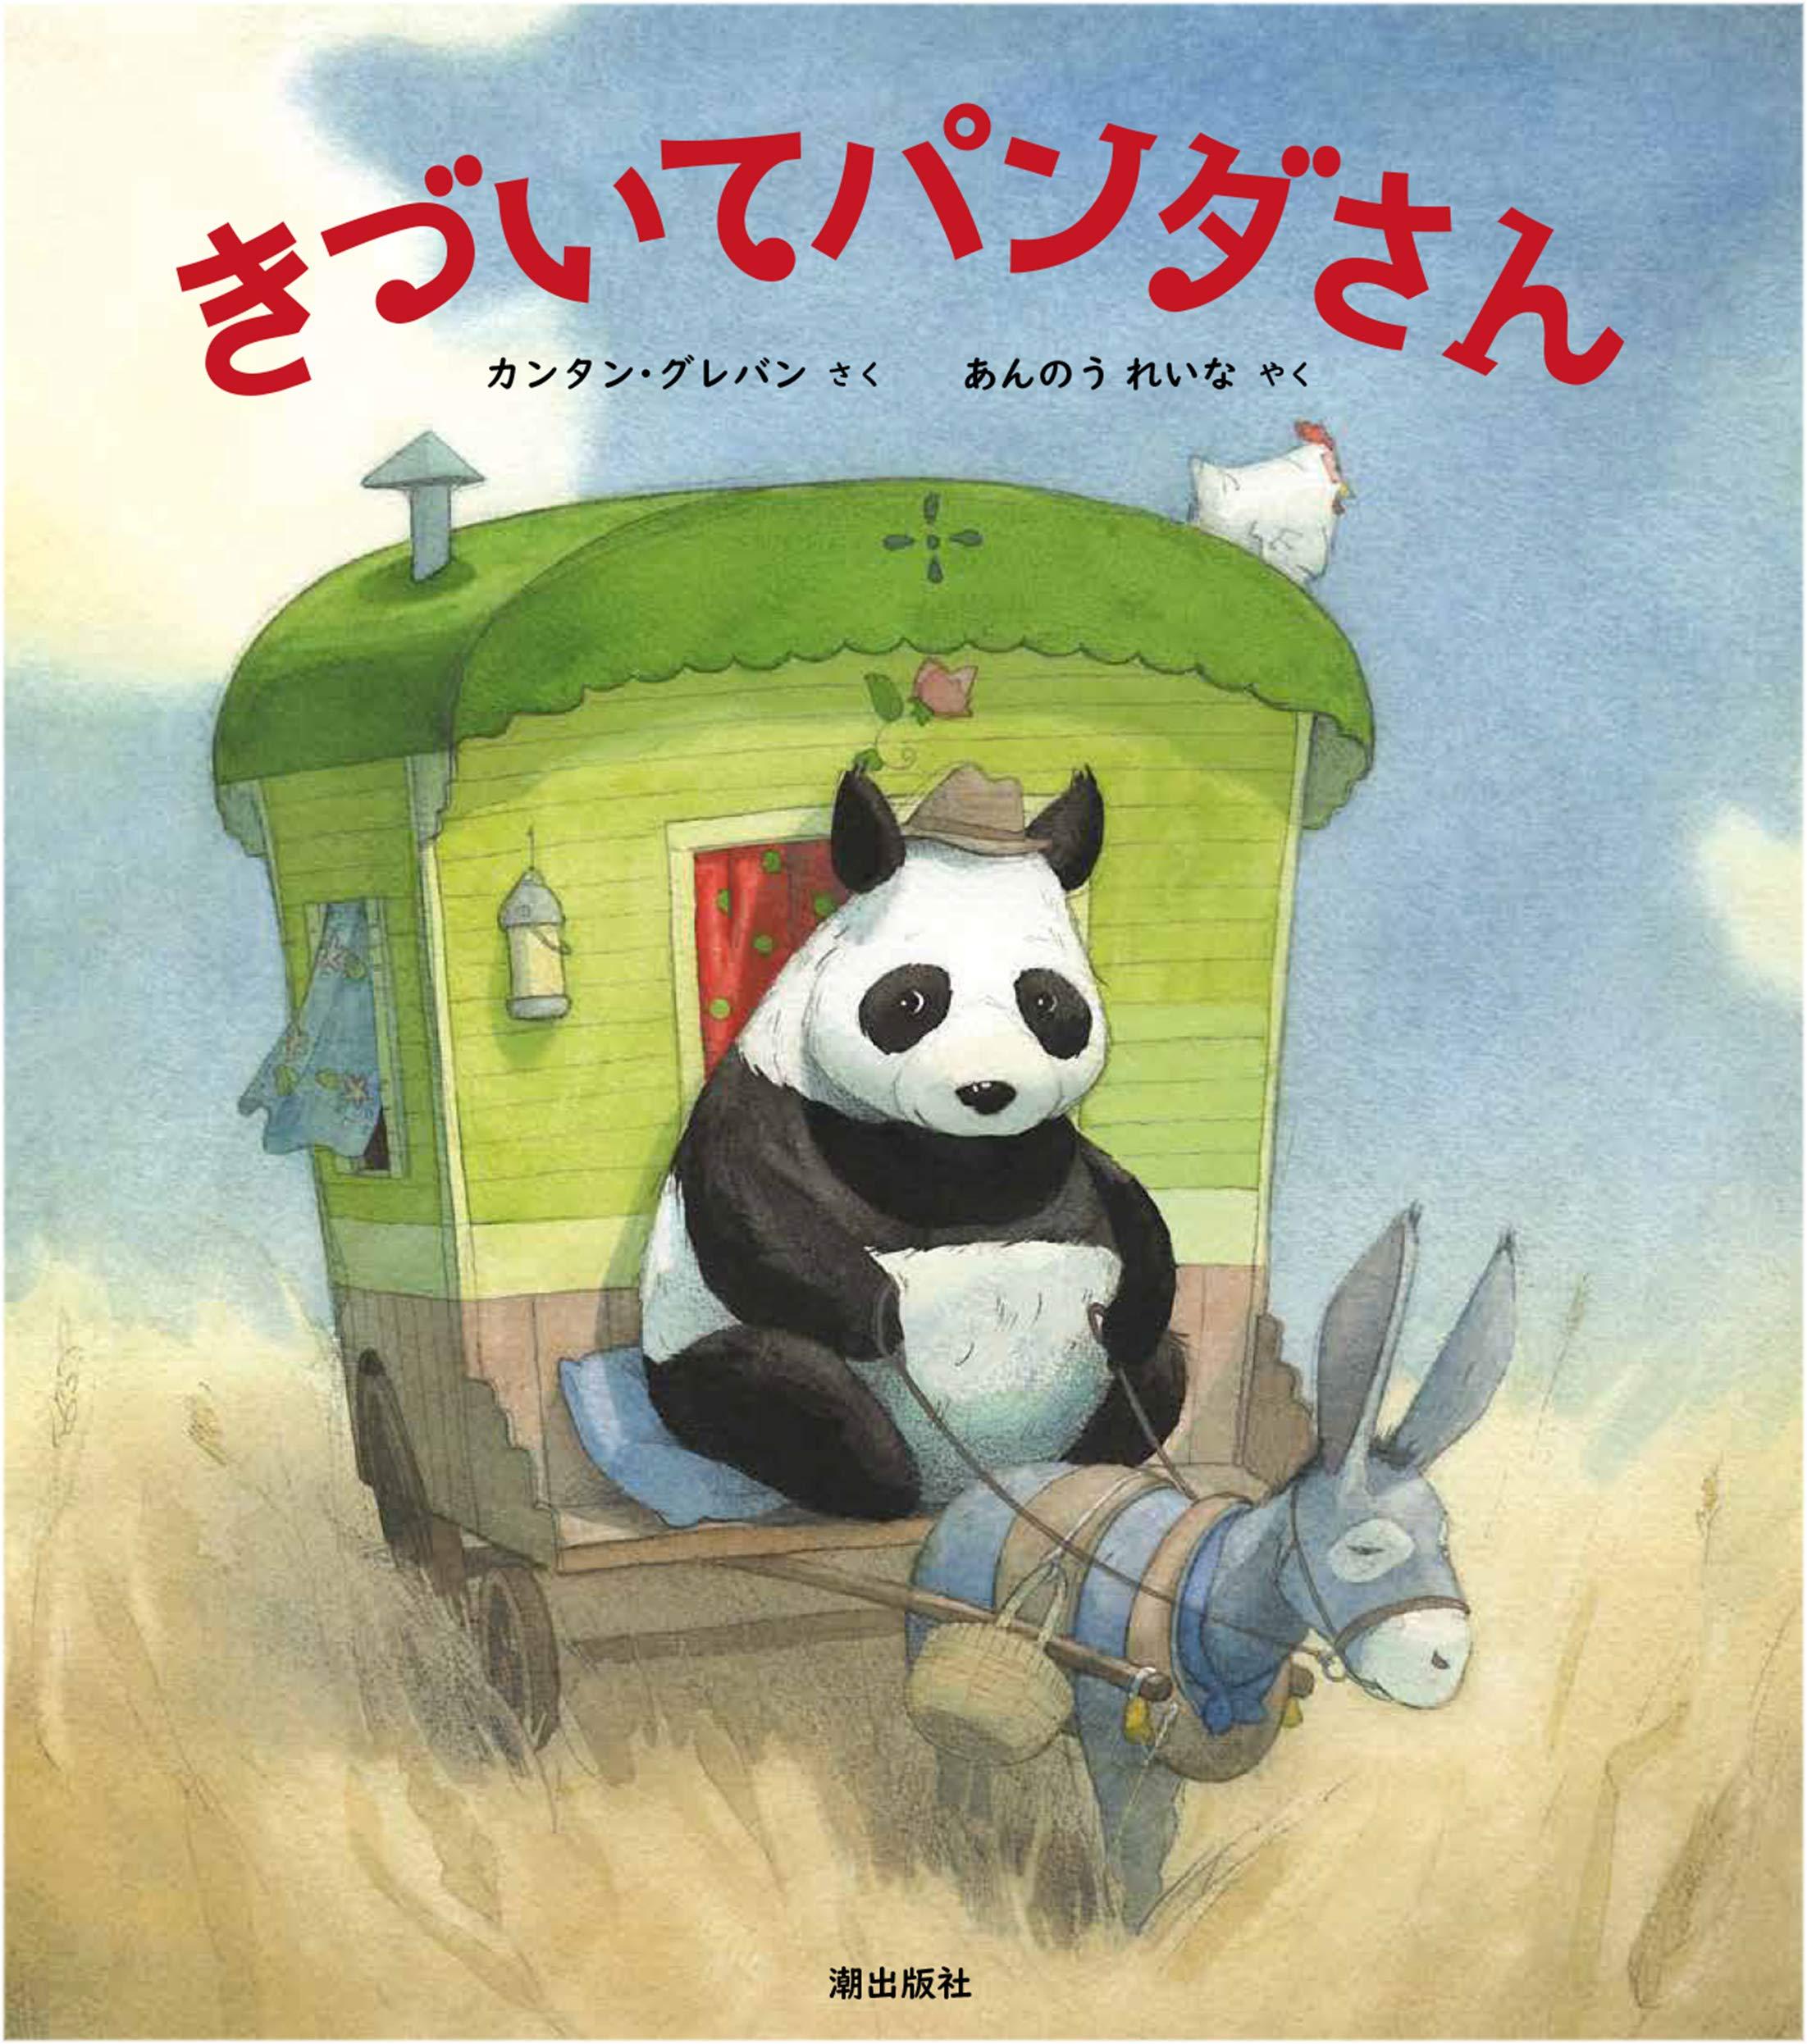 『きづいてパンダさん』